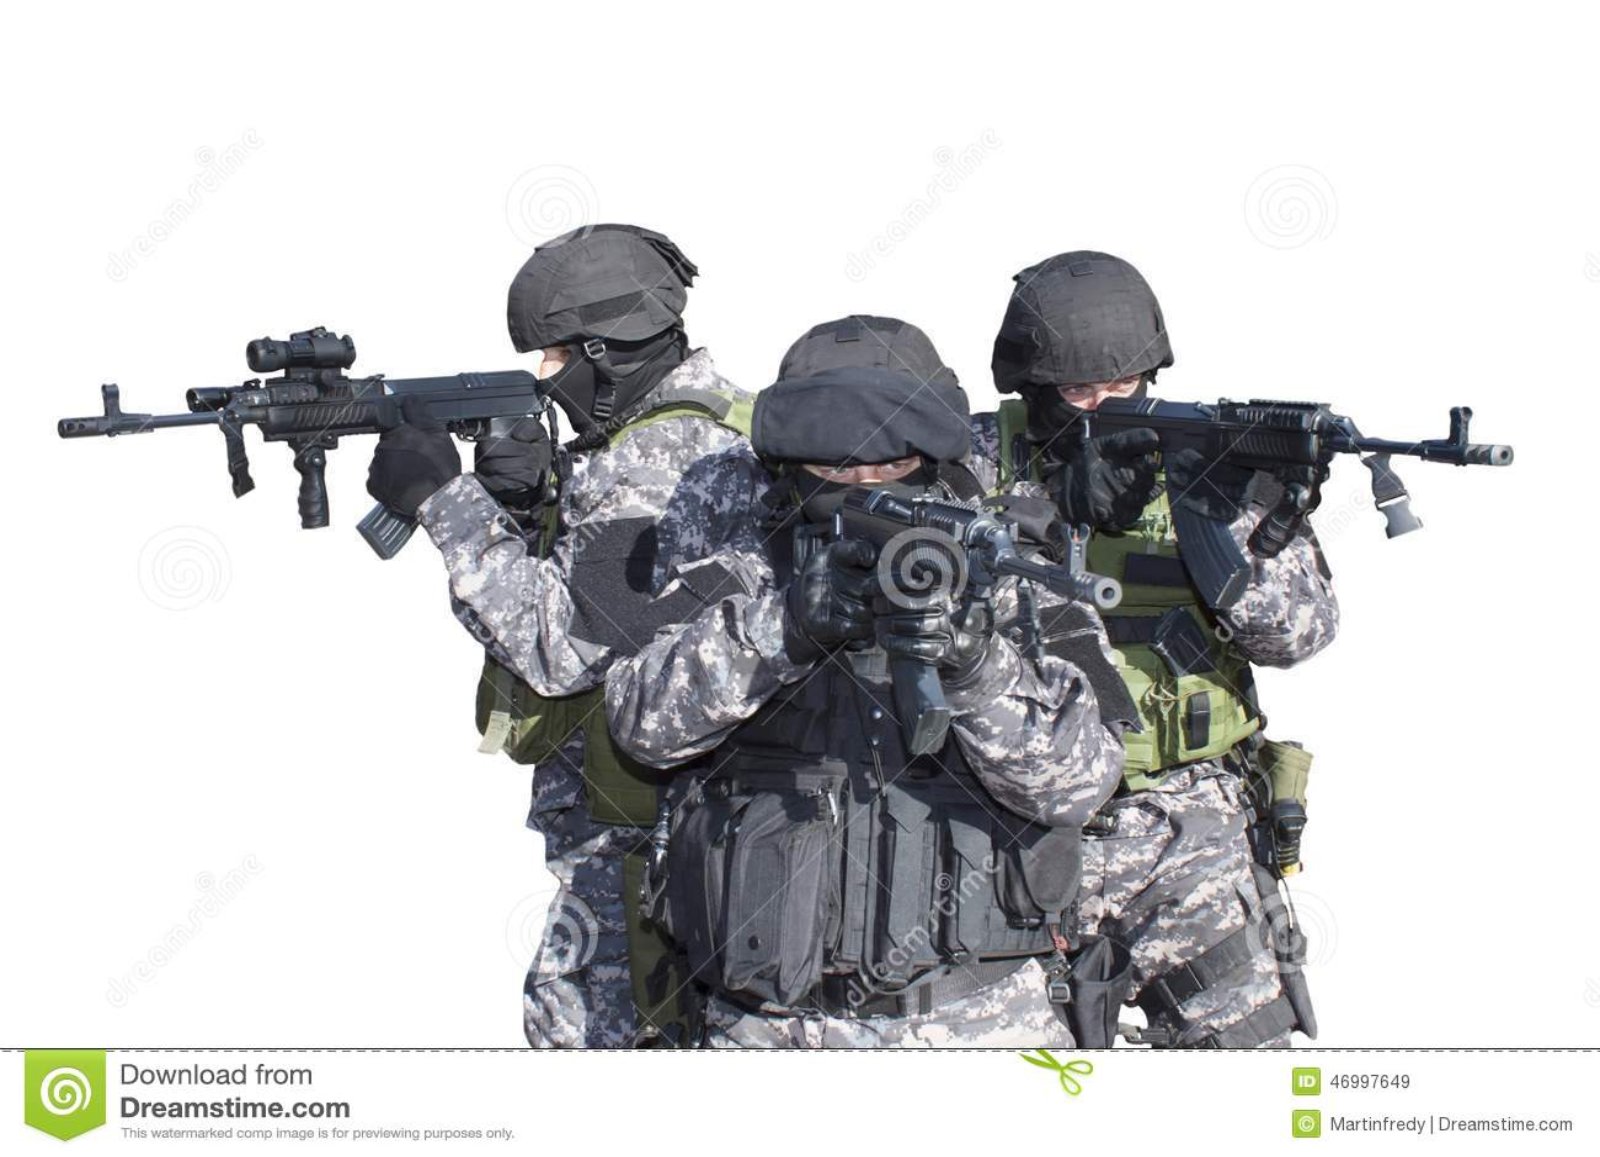 与恐怖主义,特种部队战士作战,有攻击步枪的,警察扑打